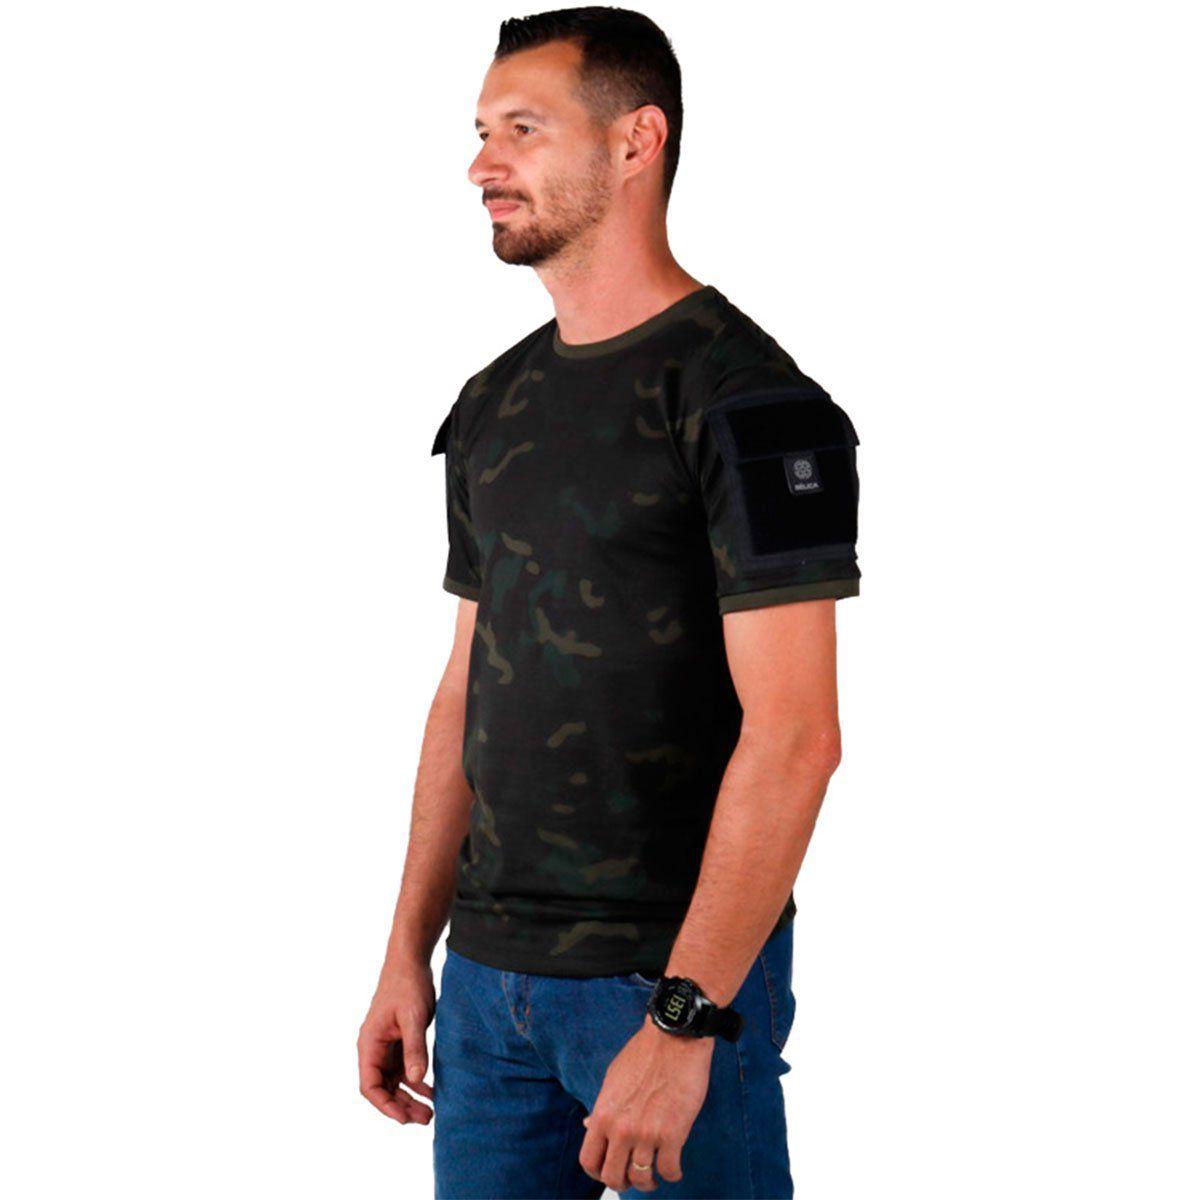 Camiseta Masculina Belica Ranger 70-Multicam Black